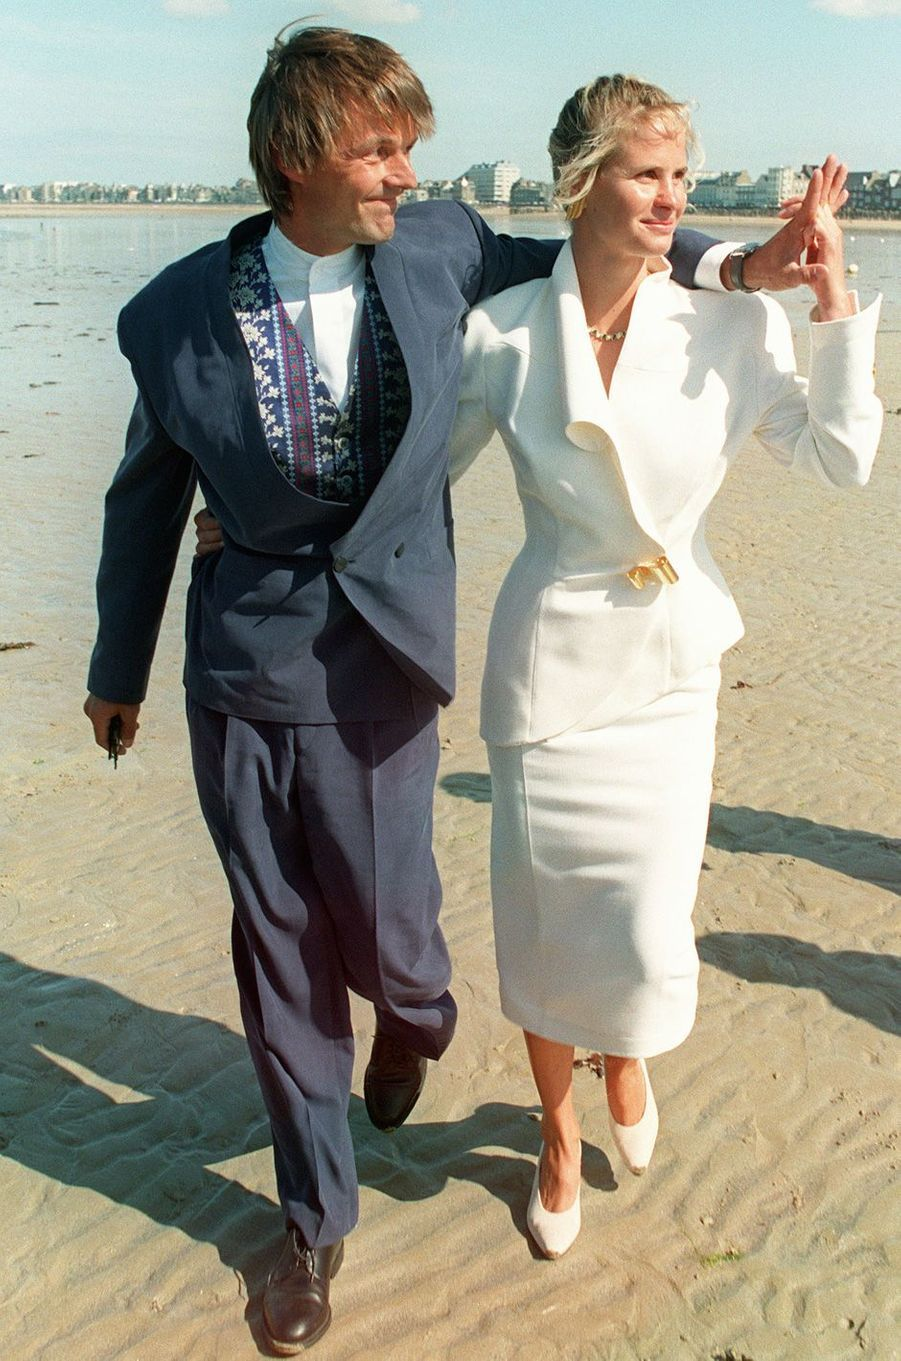 Nicolas Hulot arrive en compagnie de l'alpiniste Isabelle Patissier, le 04 septembre 1993 au Fort national de Saint-Malo, où va être célébré l'office religieux de leur mariage. Le couple se séparera quelques années plus tard.